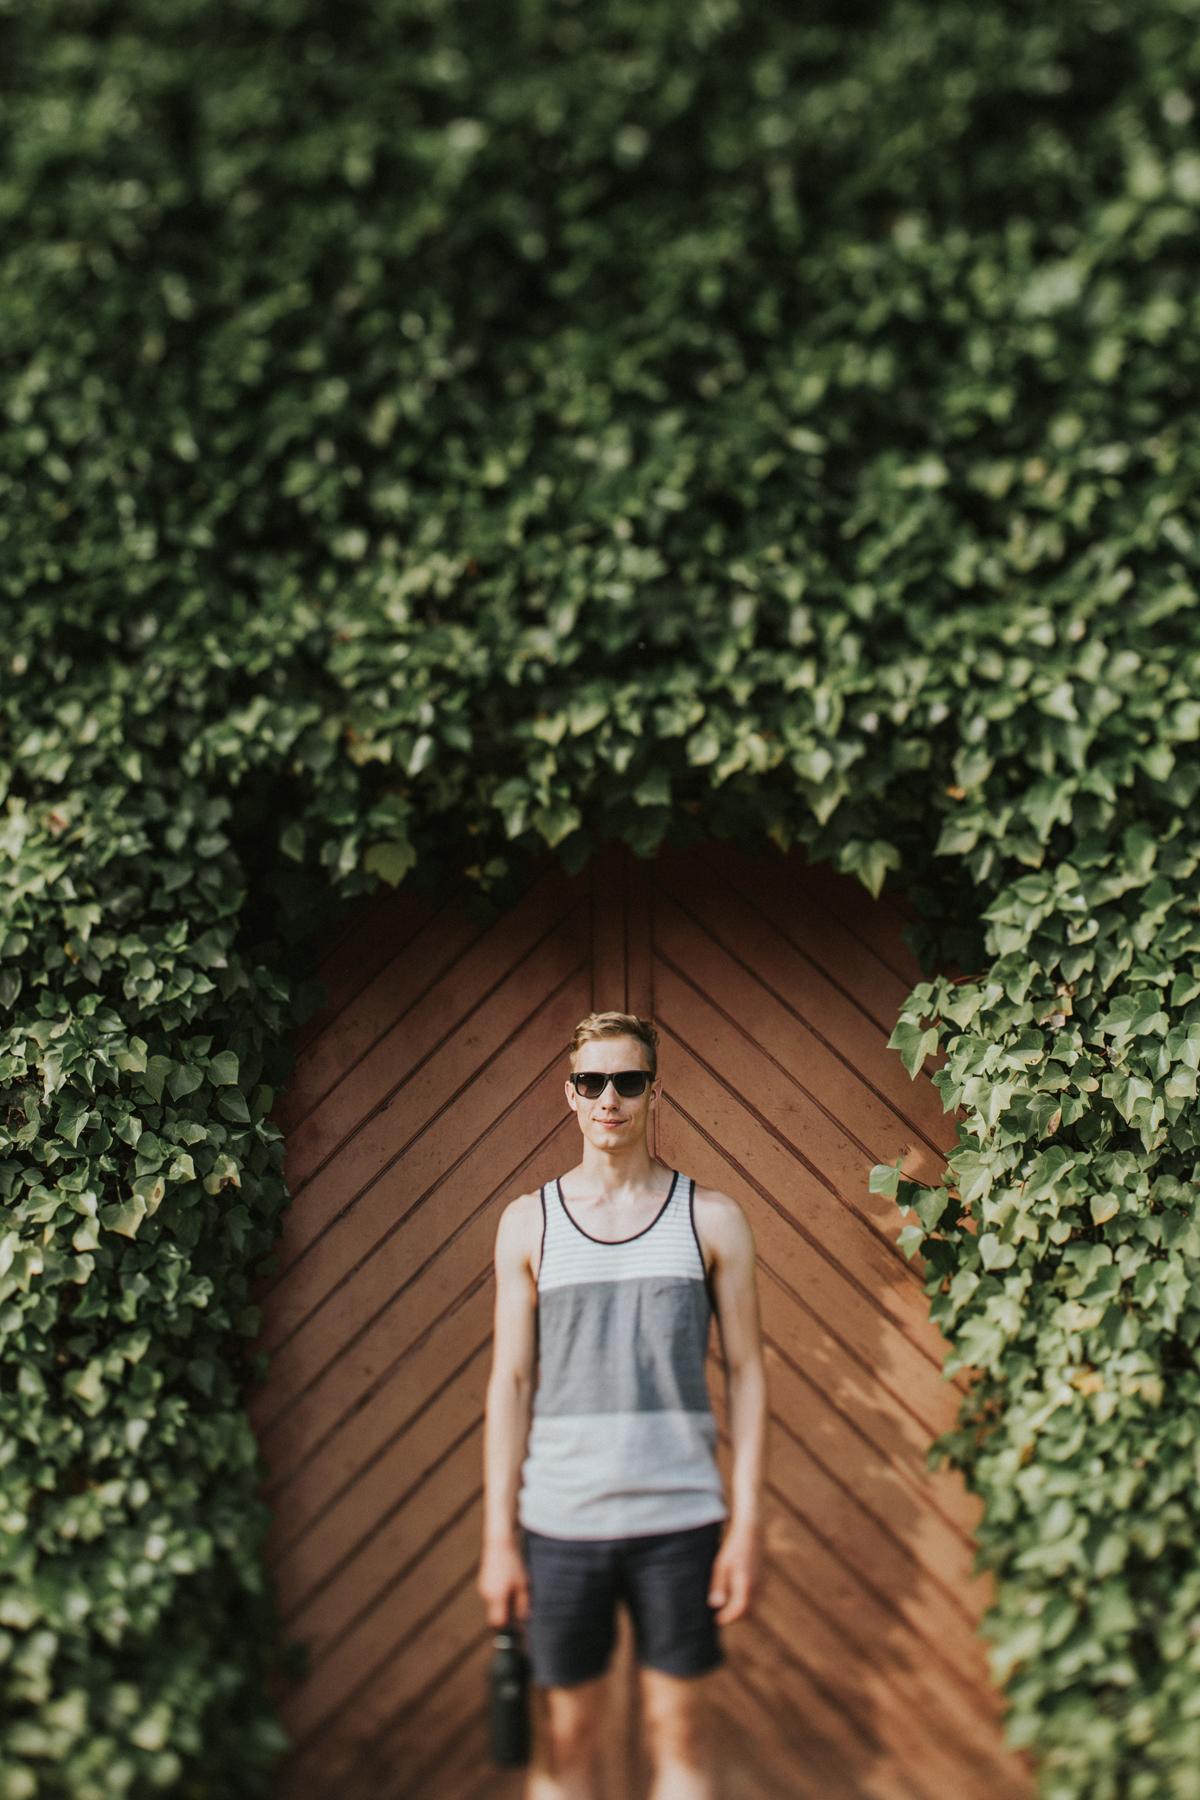 905-Petersone-Liene-photoshoot-blog